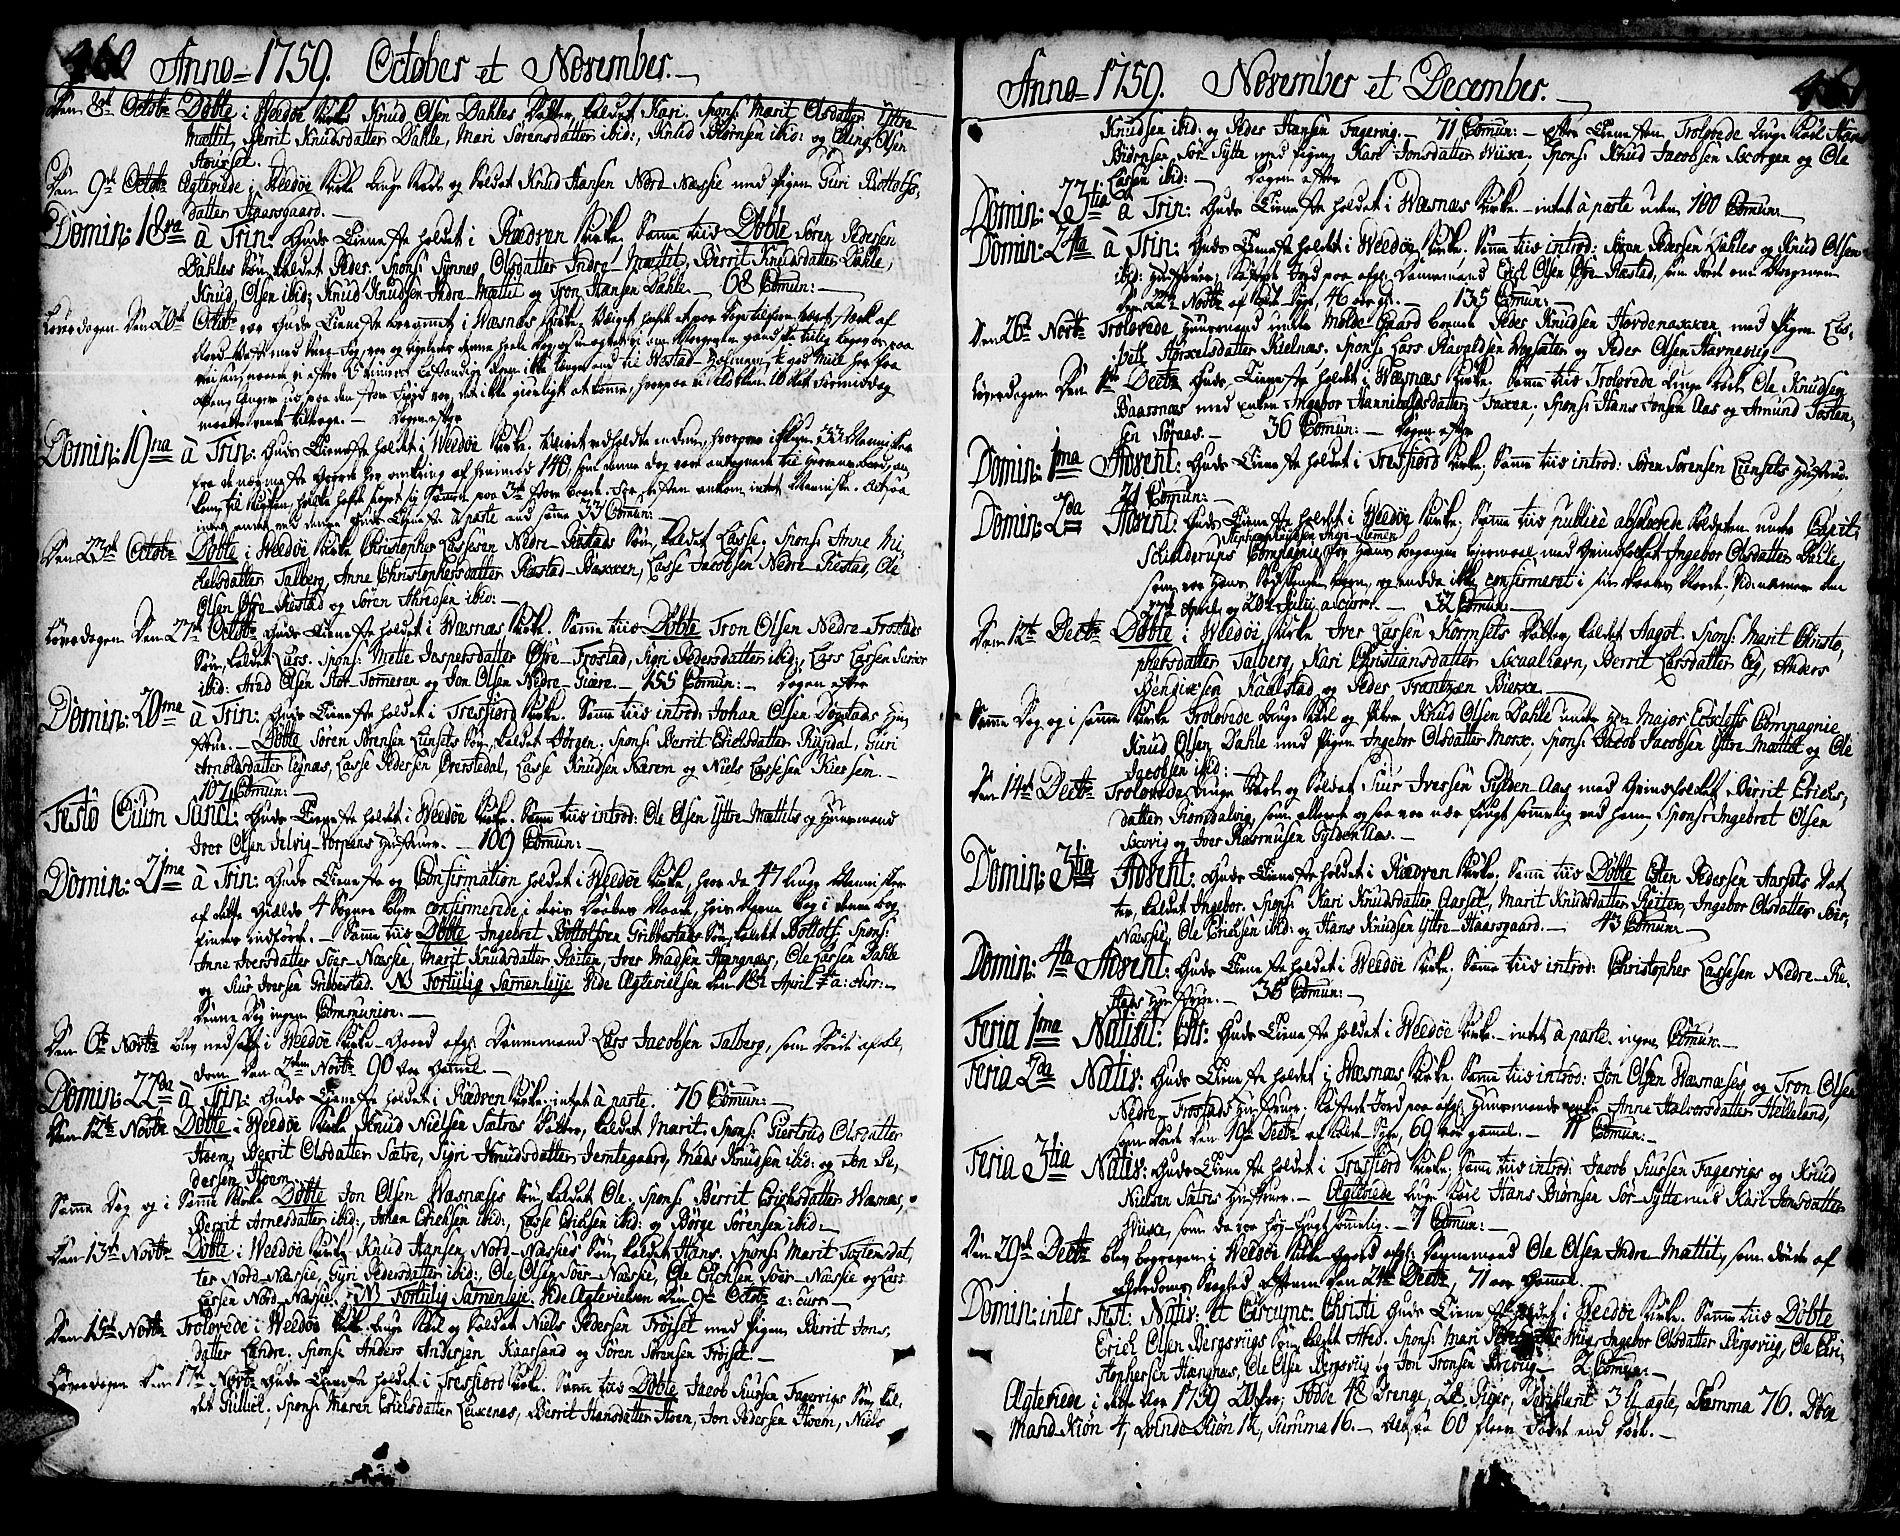 SAT, Ministerialprotokoller, klokkerbøker og fødselsregistre - Møre og Romsdal, 547/L0599: Ministerialbok nr. 547A01, 1721-1764, s. 460-461